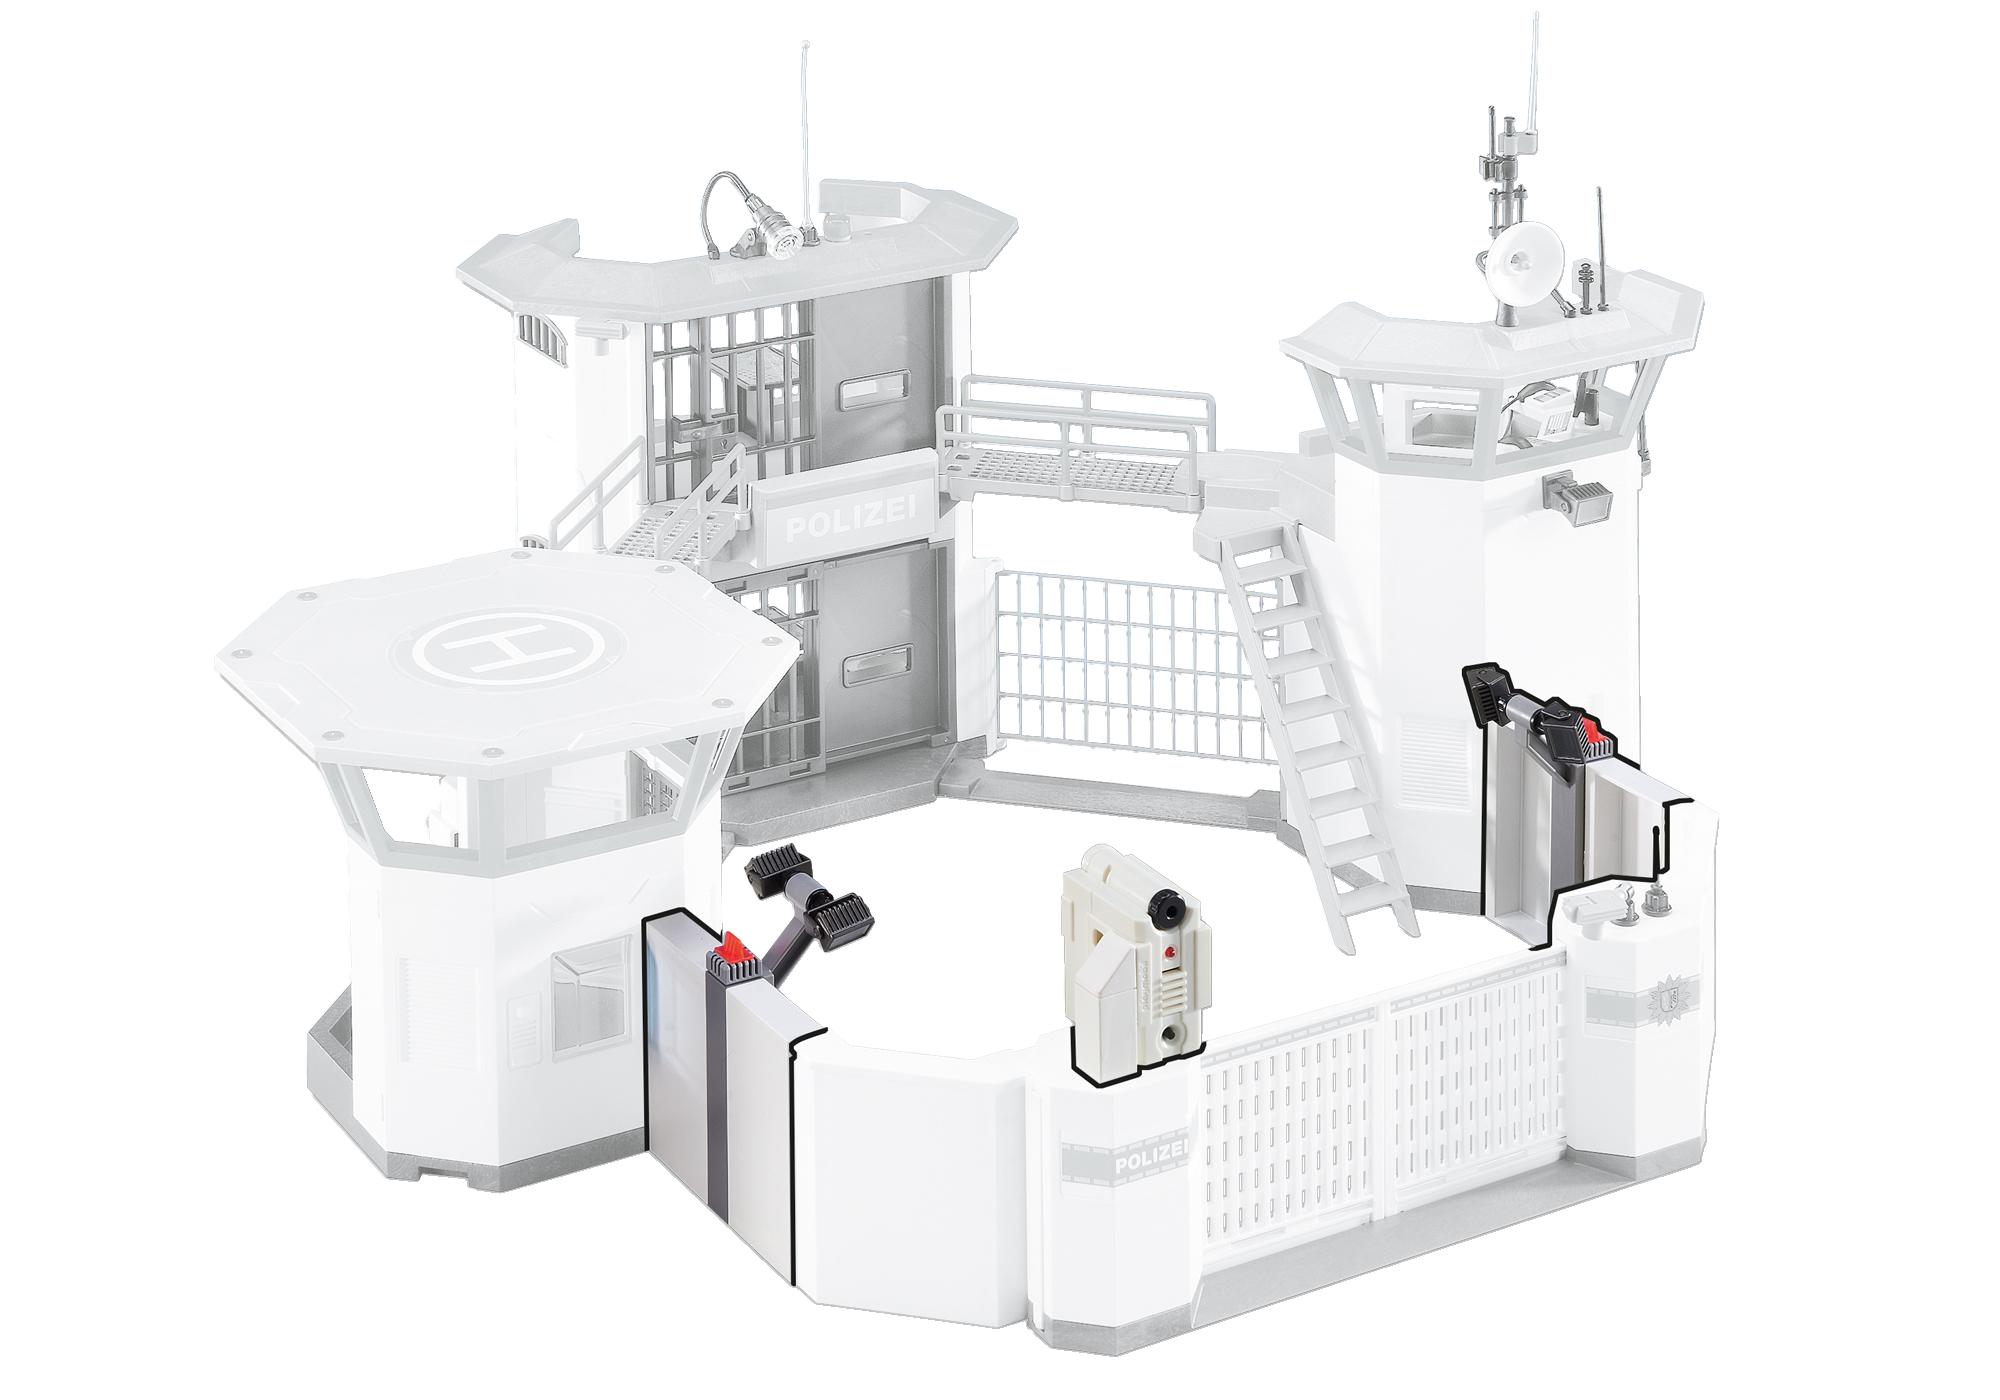 http://media.playmobil.com/i/playmobil/6503_product_detail/Ampliamento stazione di Polizia con sistemi d'allarme